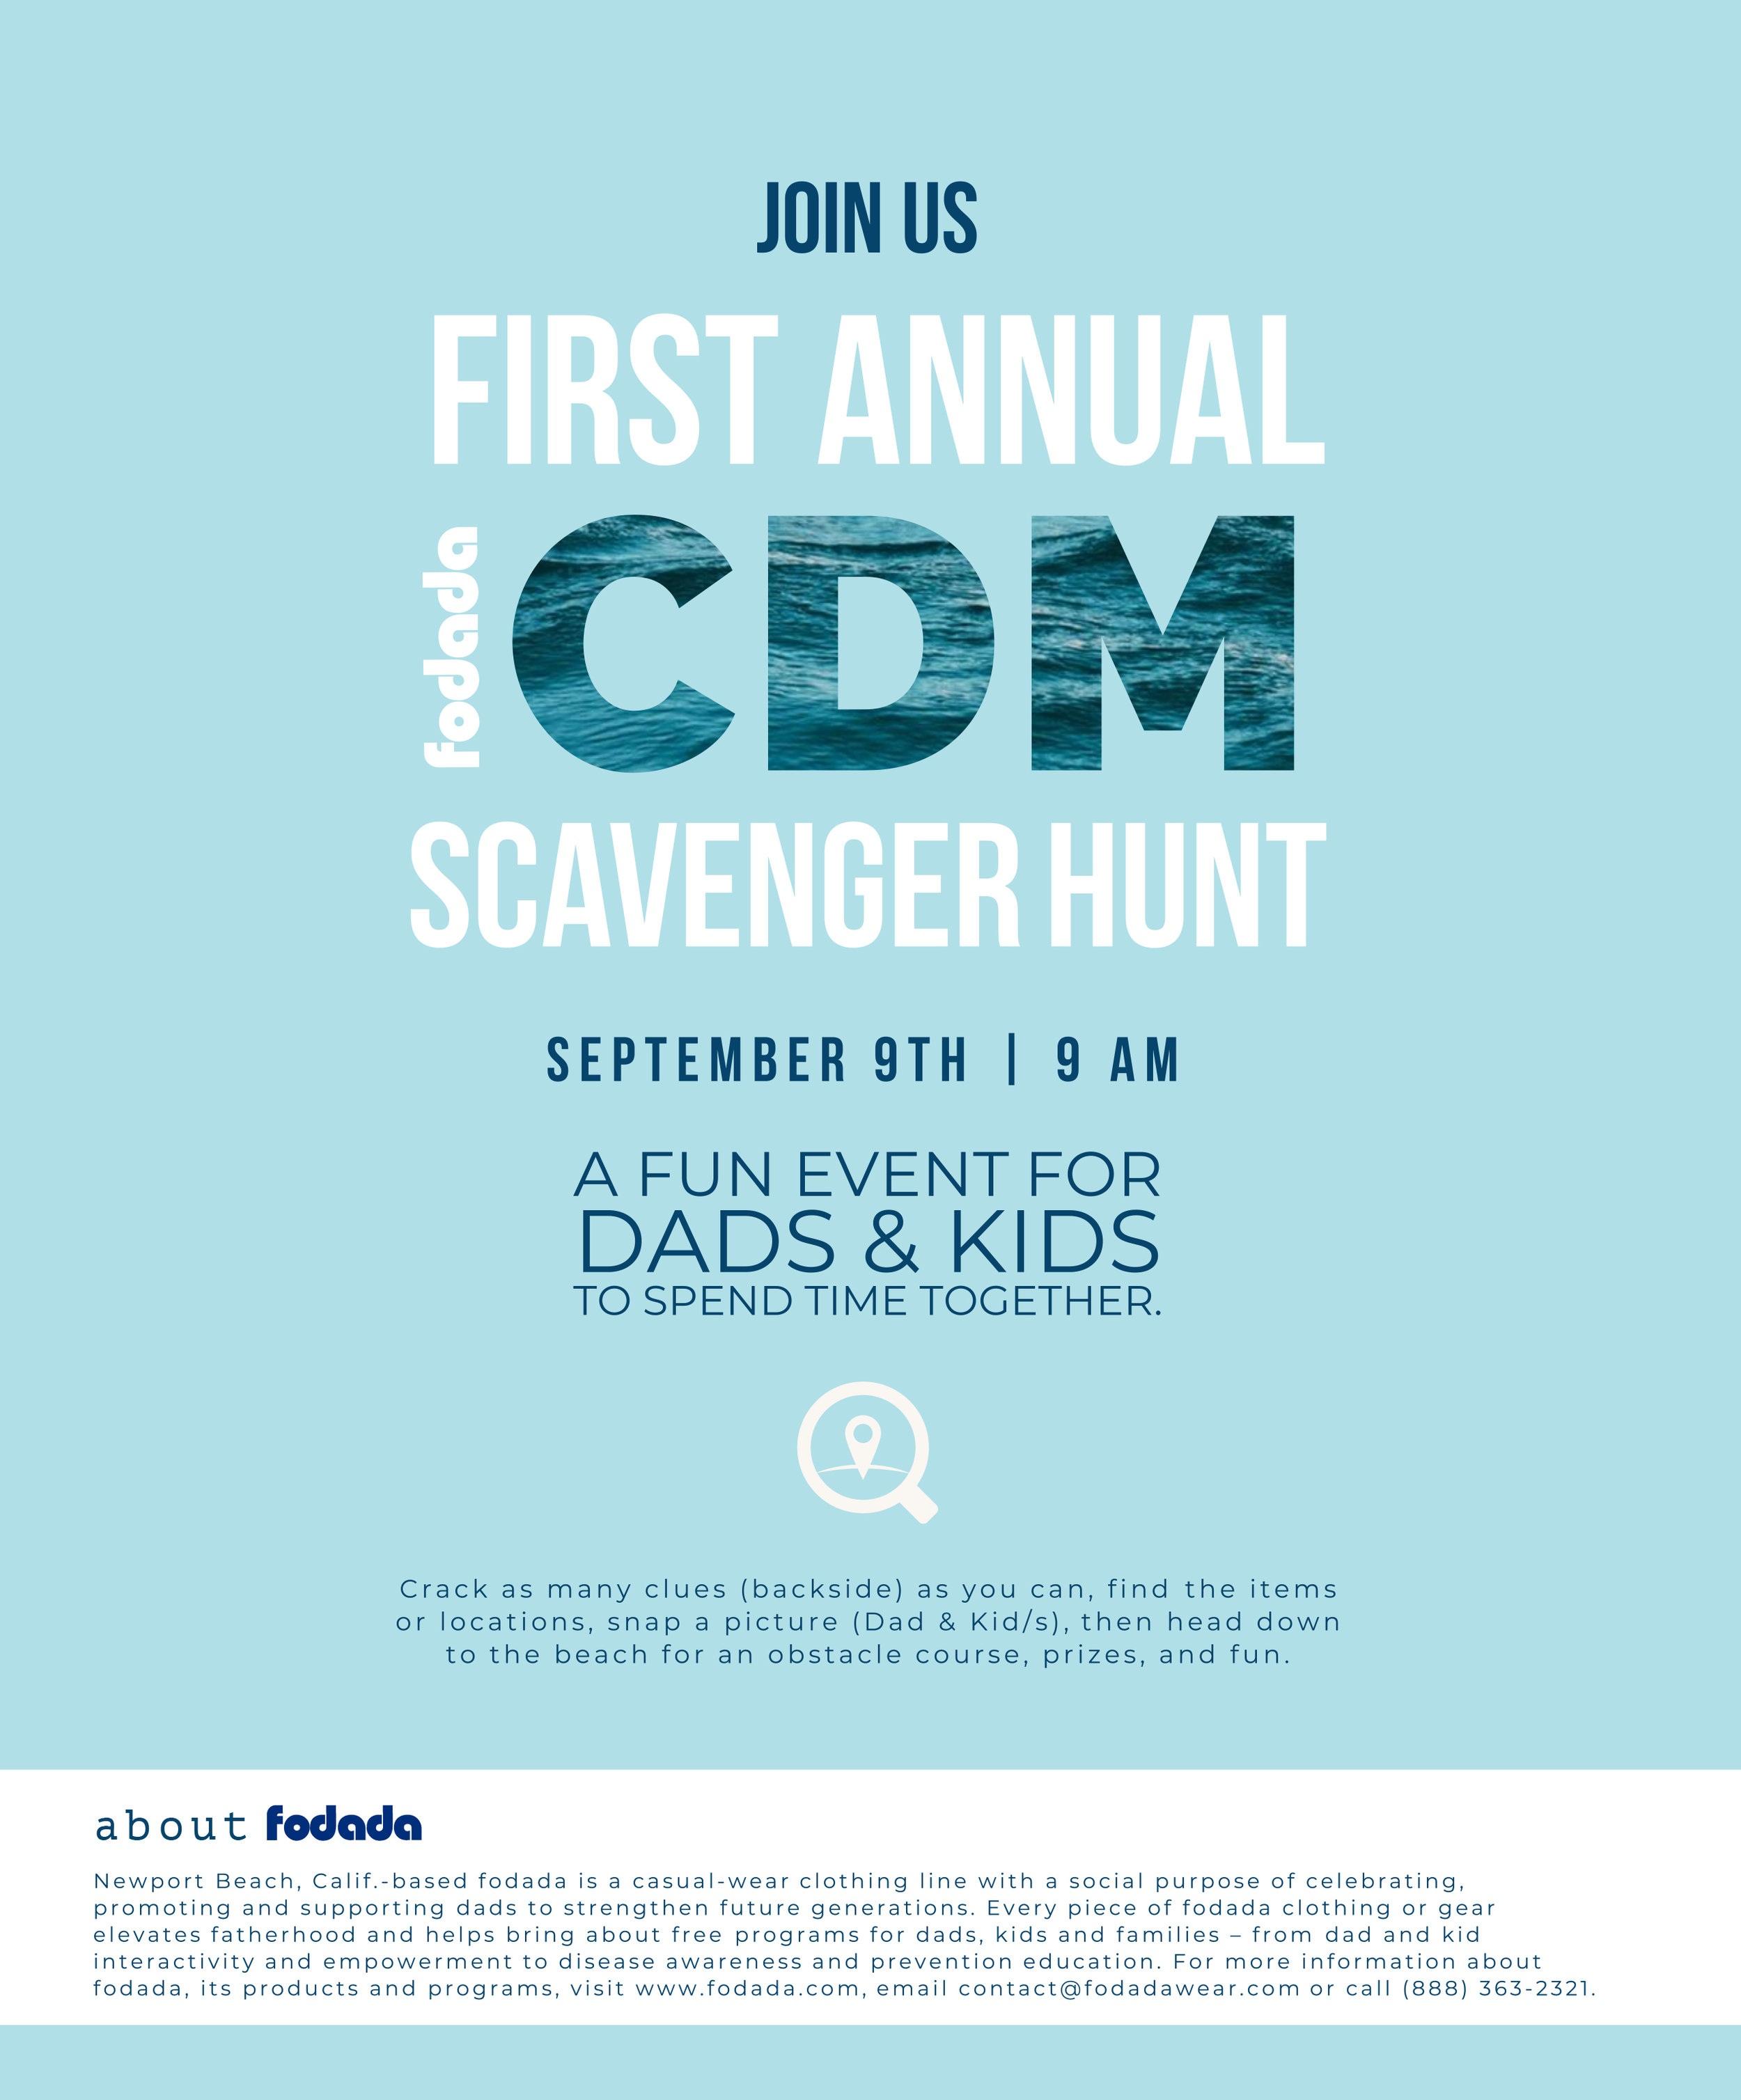 CDM+Scavenger+Hunt+Flyer+%281%29.jpg